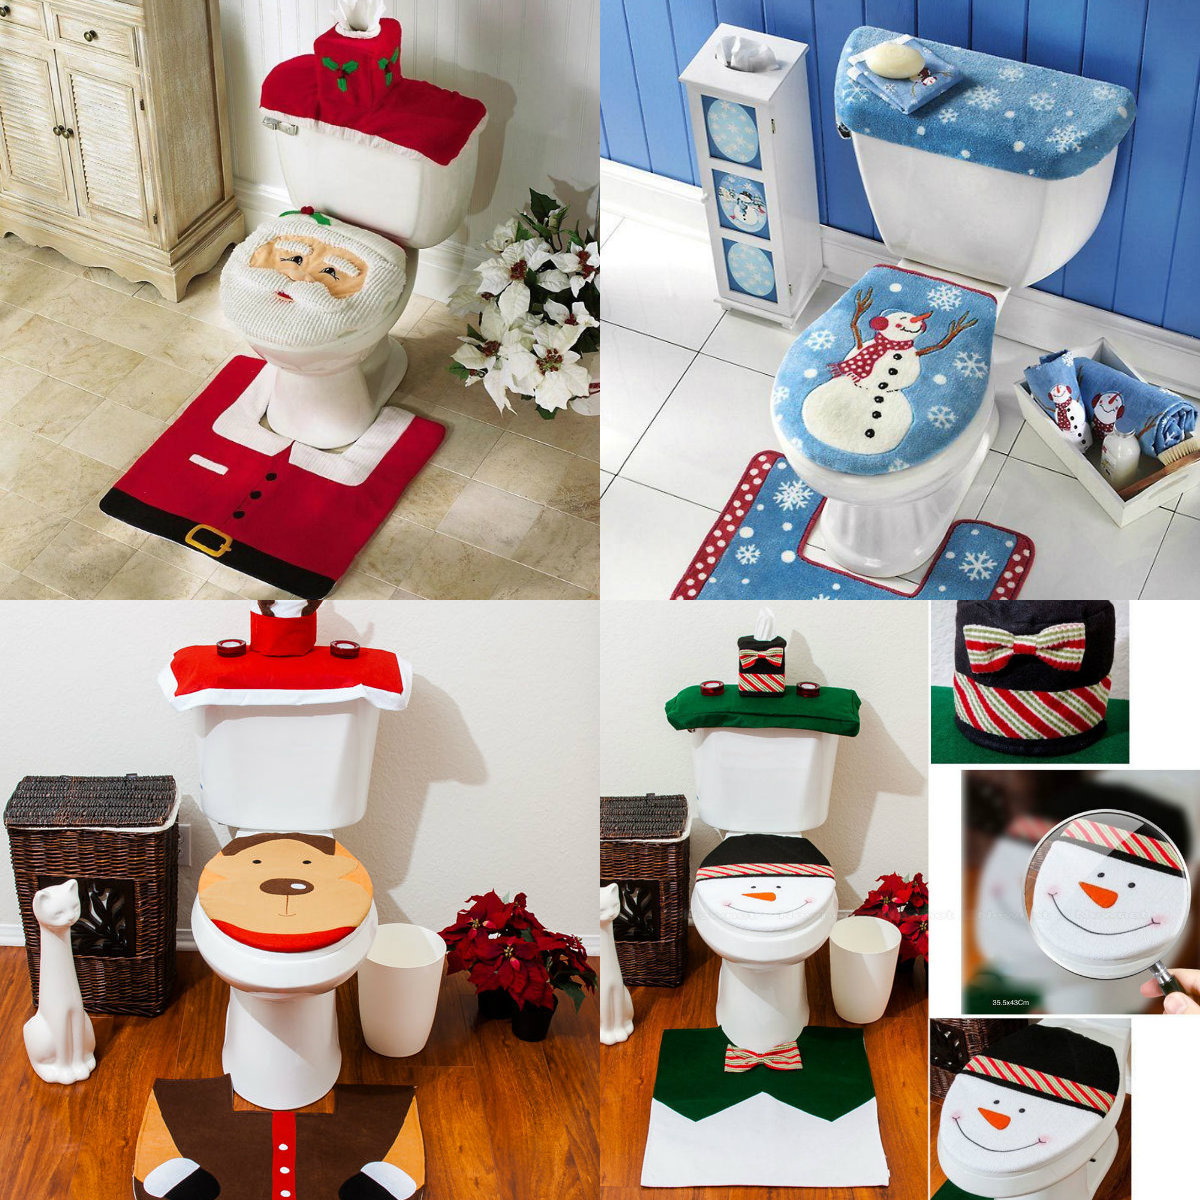 10x Kerstsfeer Op Je Toilet Amp Badkamer